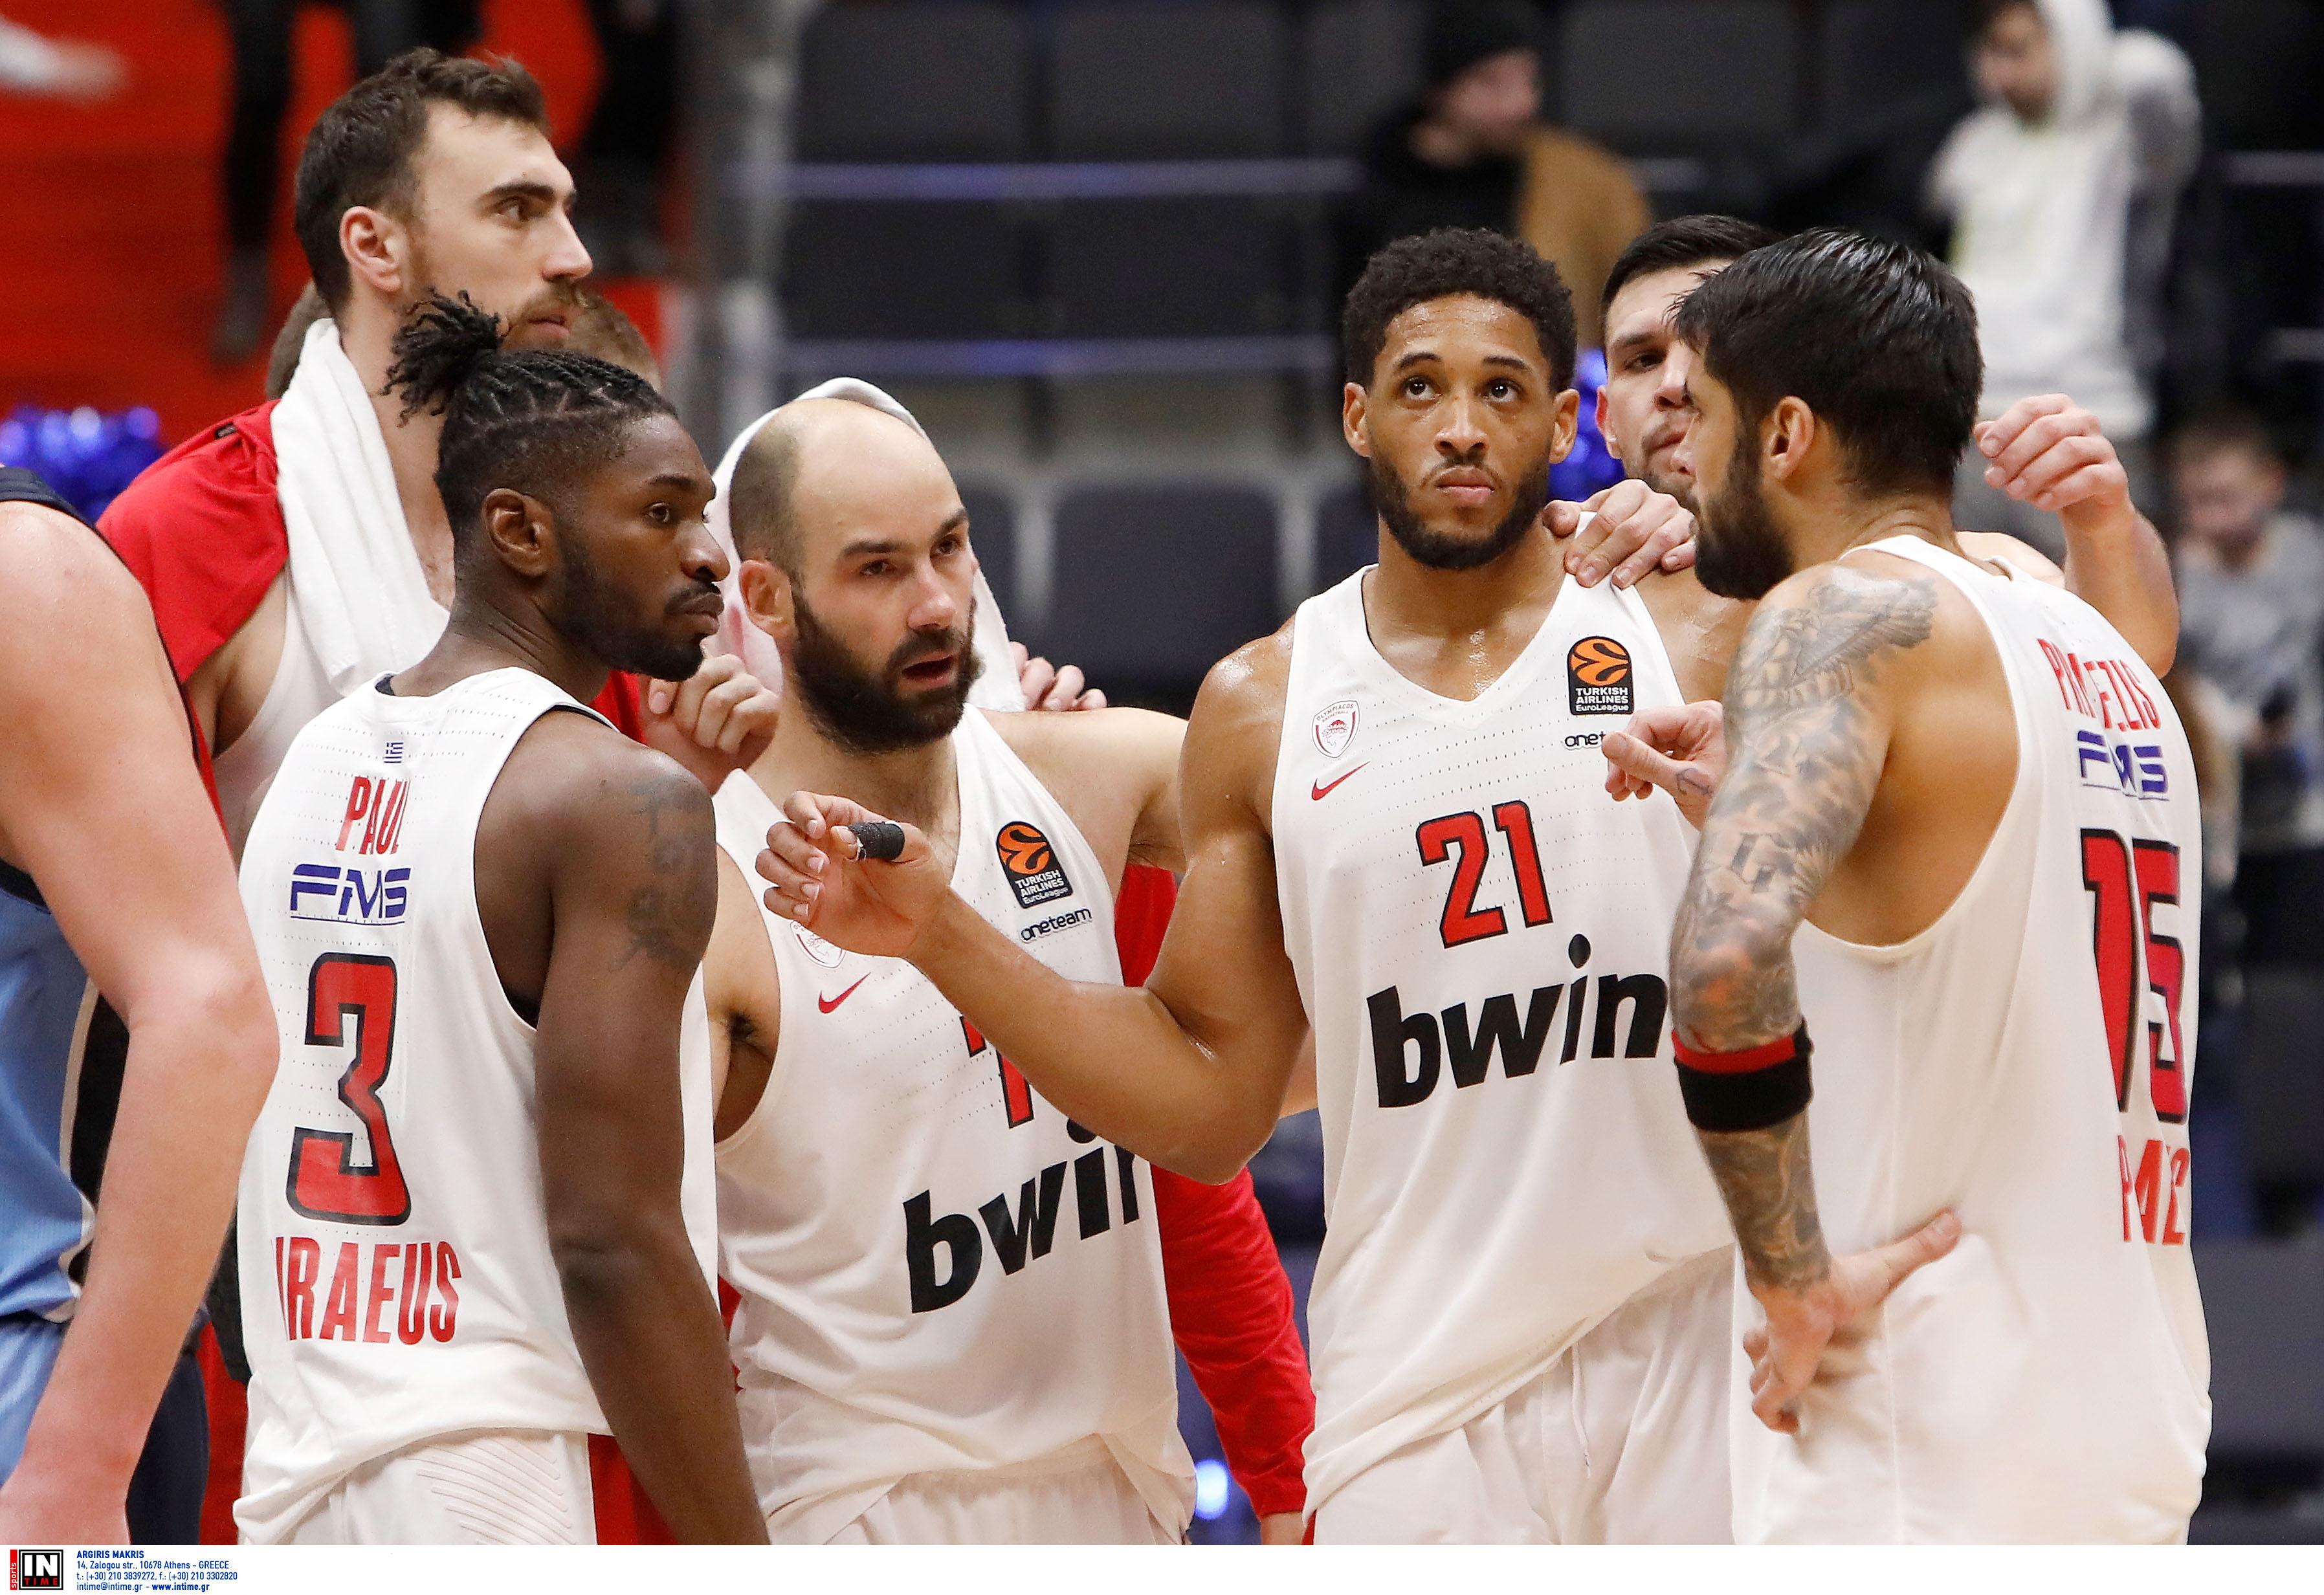 Πρόταση στον ΕΣΑΚΕ να ανέβει στη Basket League ο Ολυμπιακός